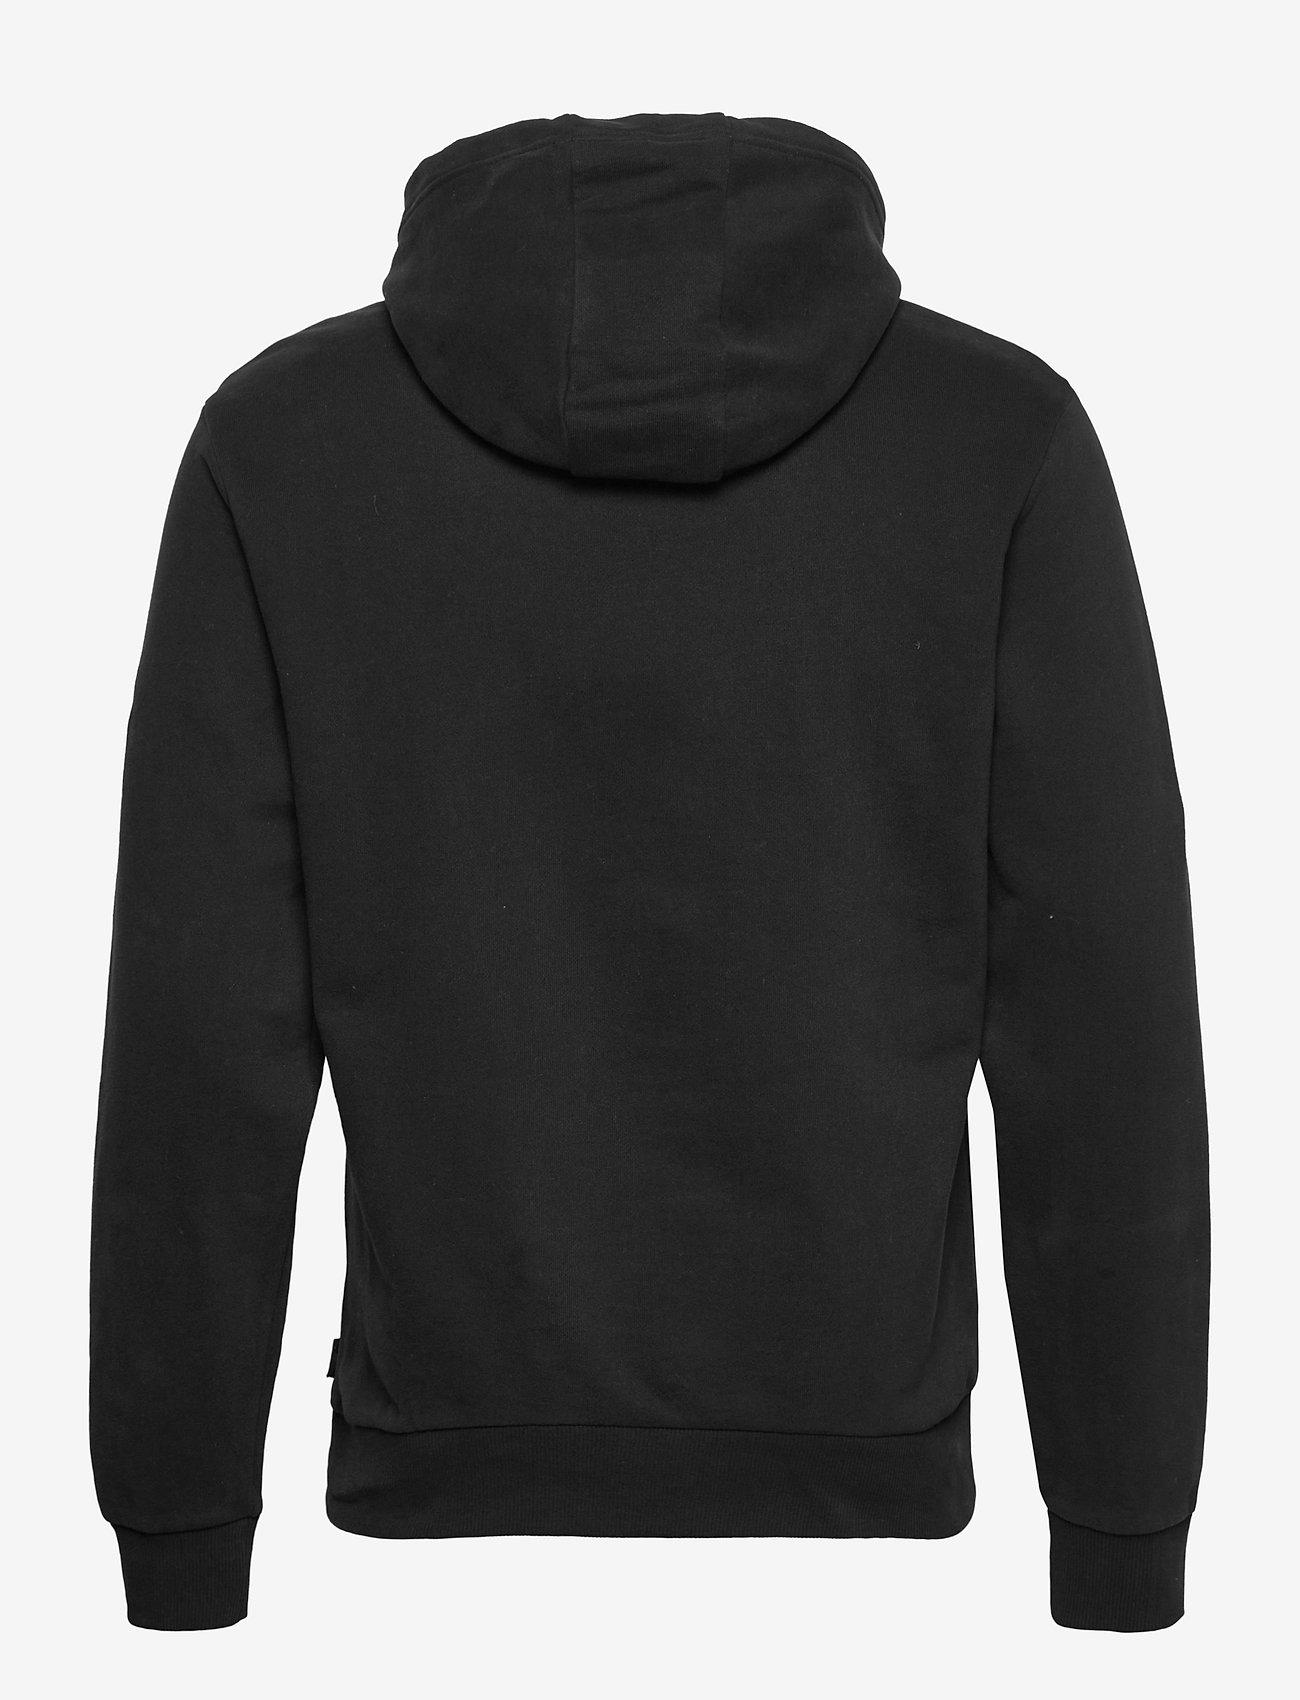 Calvin Klein - LOGO EMBROIDERY HOODIE - hoodies - ck black - 1